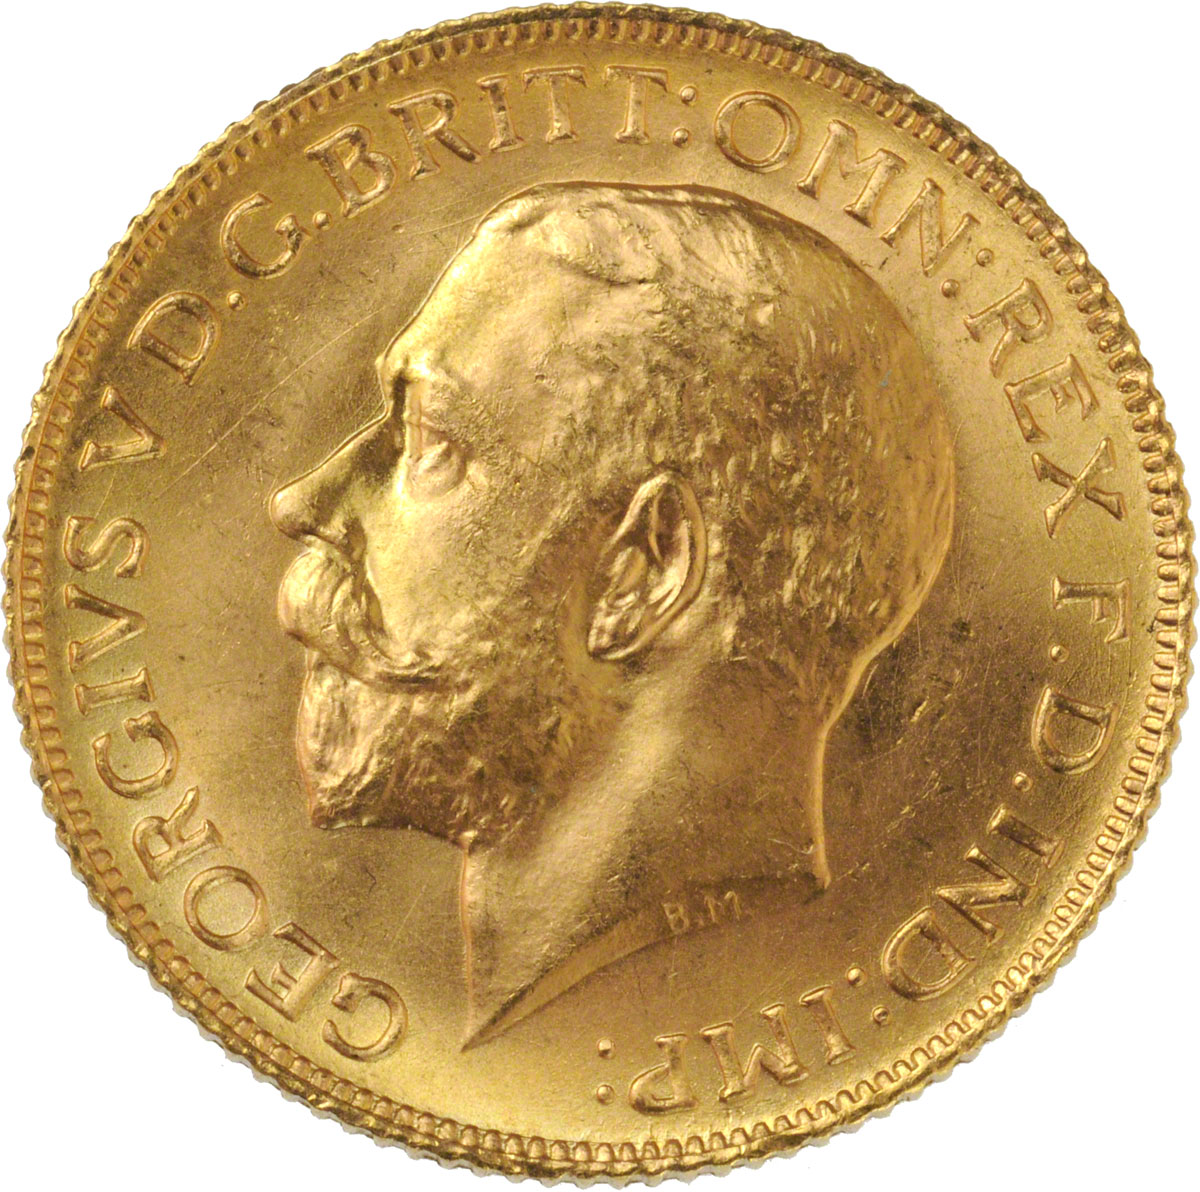 1925 Γεώργιος Ε' (Νομισματοκοπείο Λονδίνου)